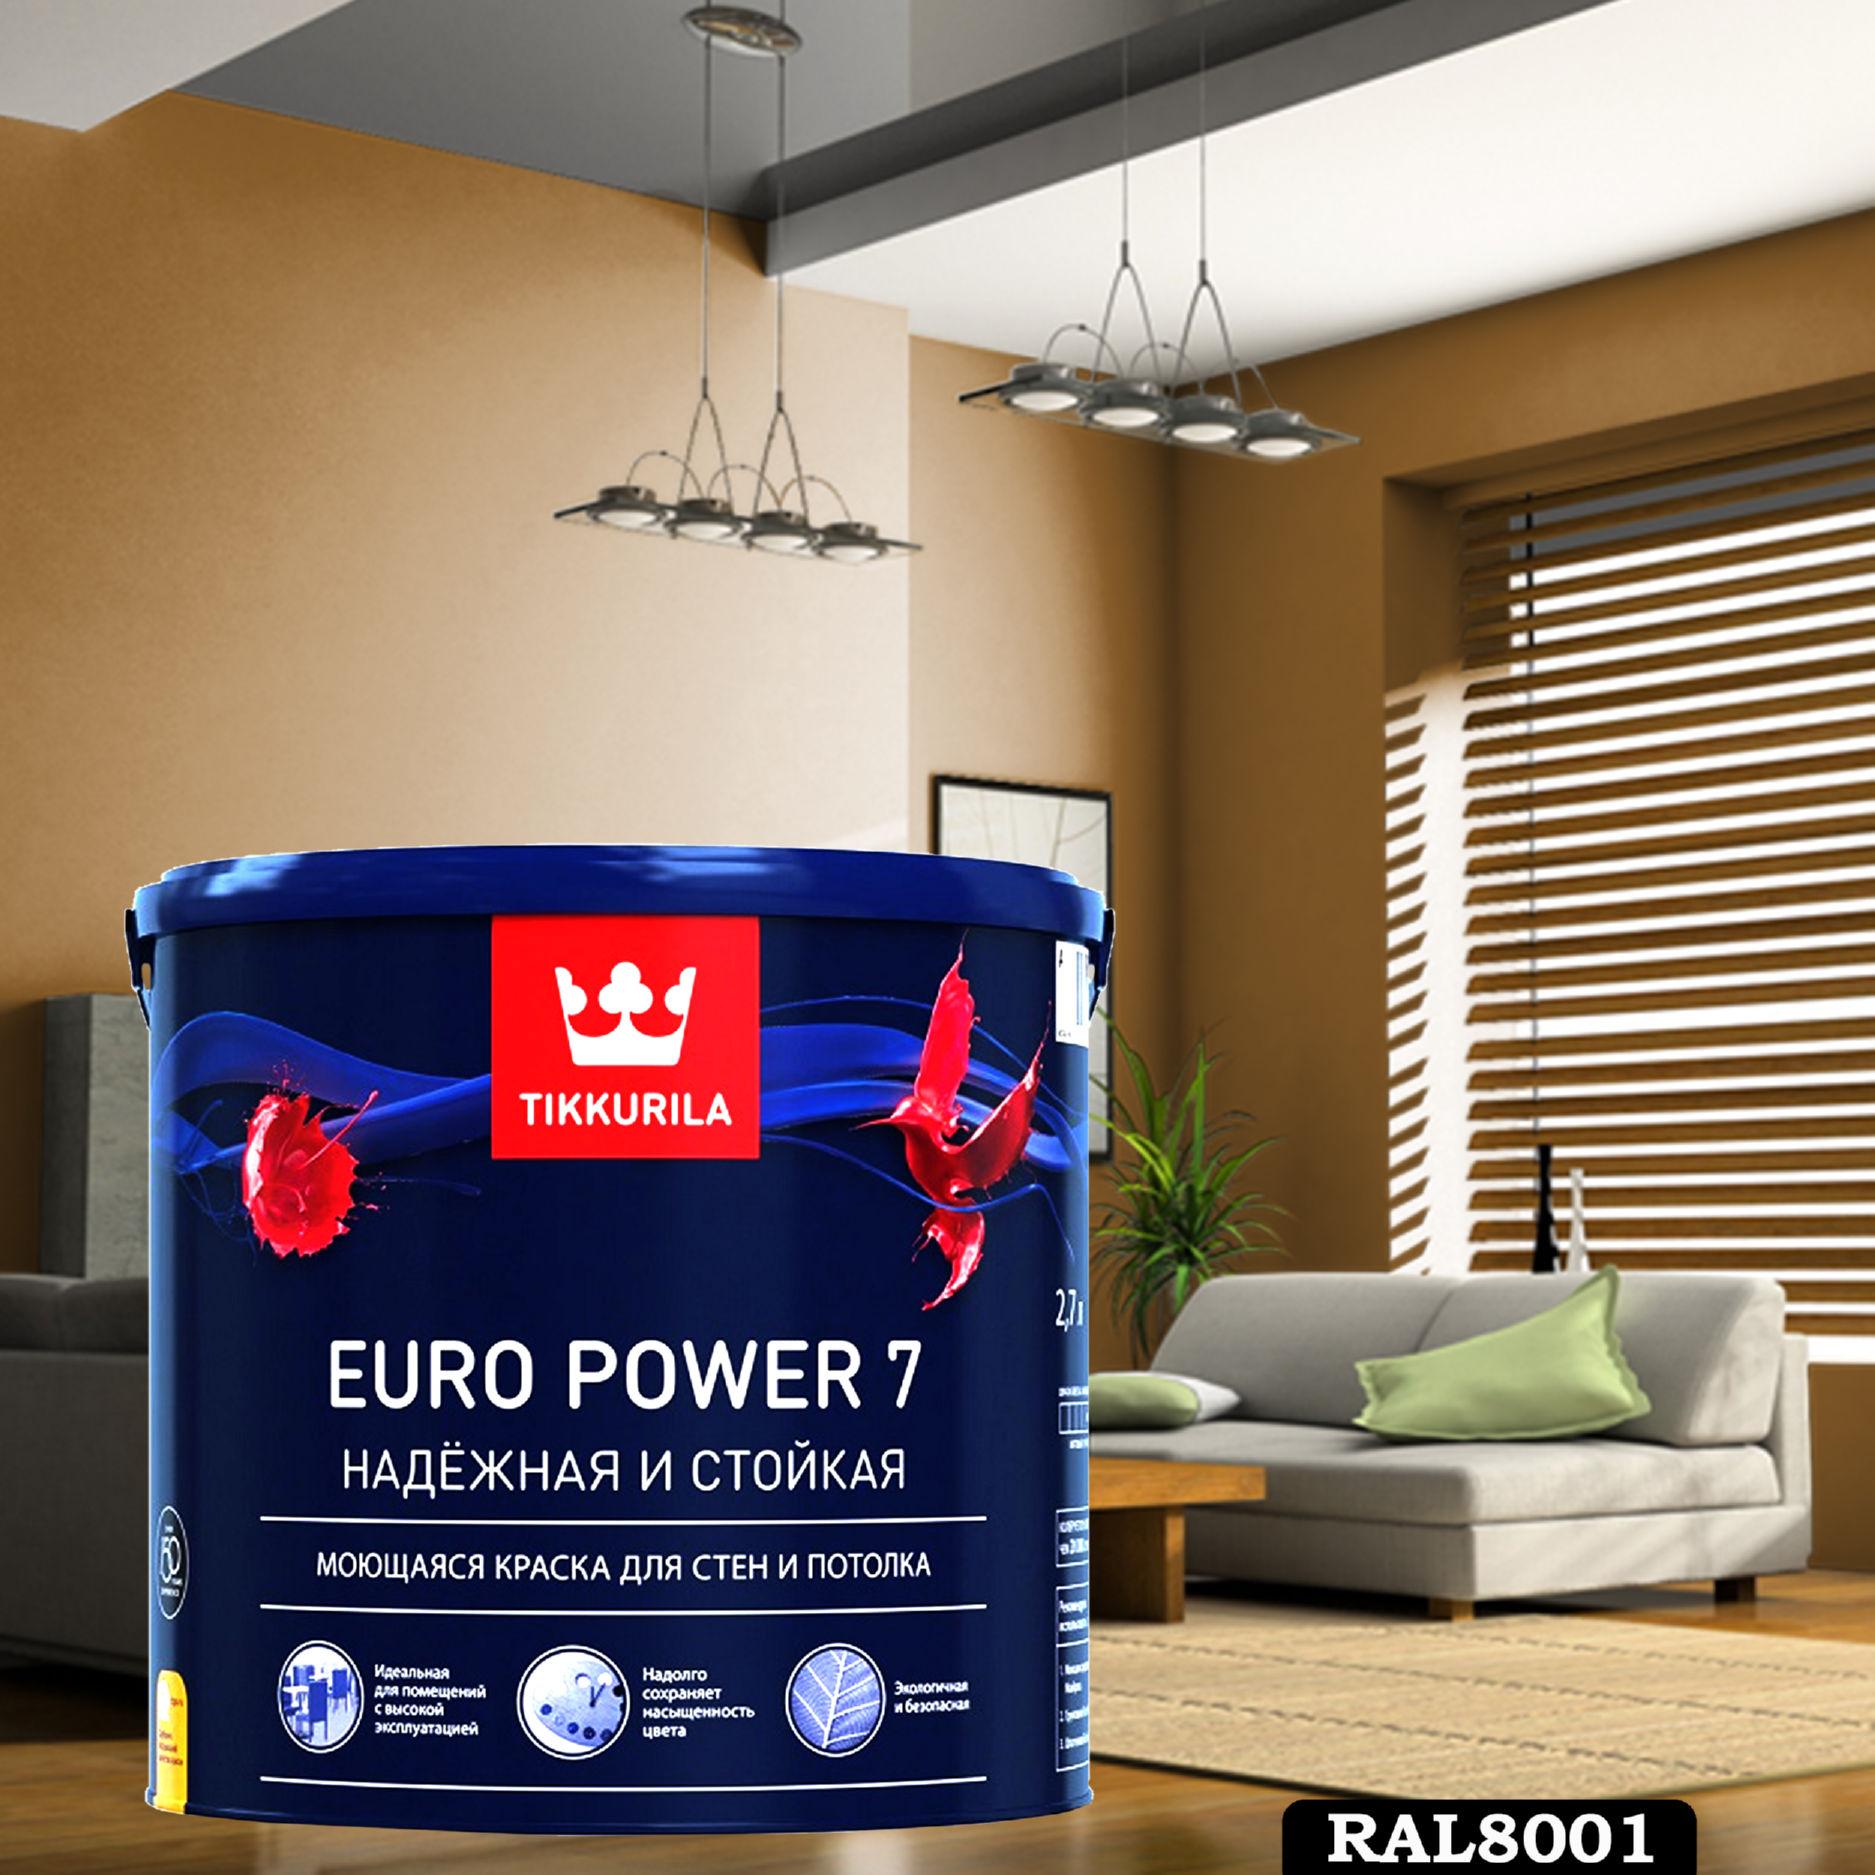 Фото 2 - Краска TIKKURILA Euro Power 7,  RAL 8001 Коричневая-охра, латексная моющаяся матовая интерьерная, 9 л.